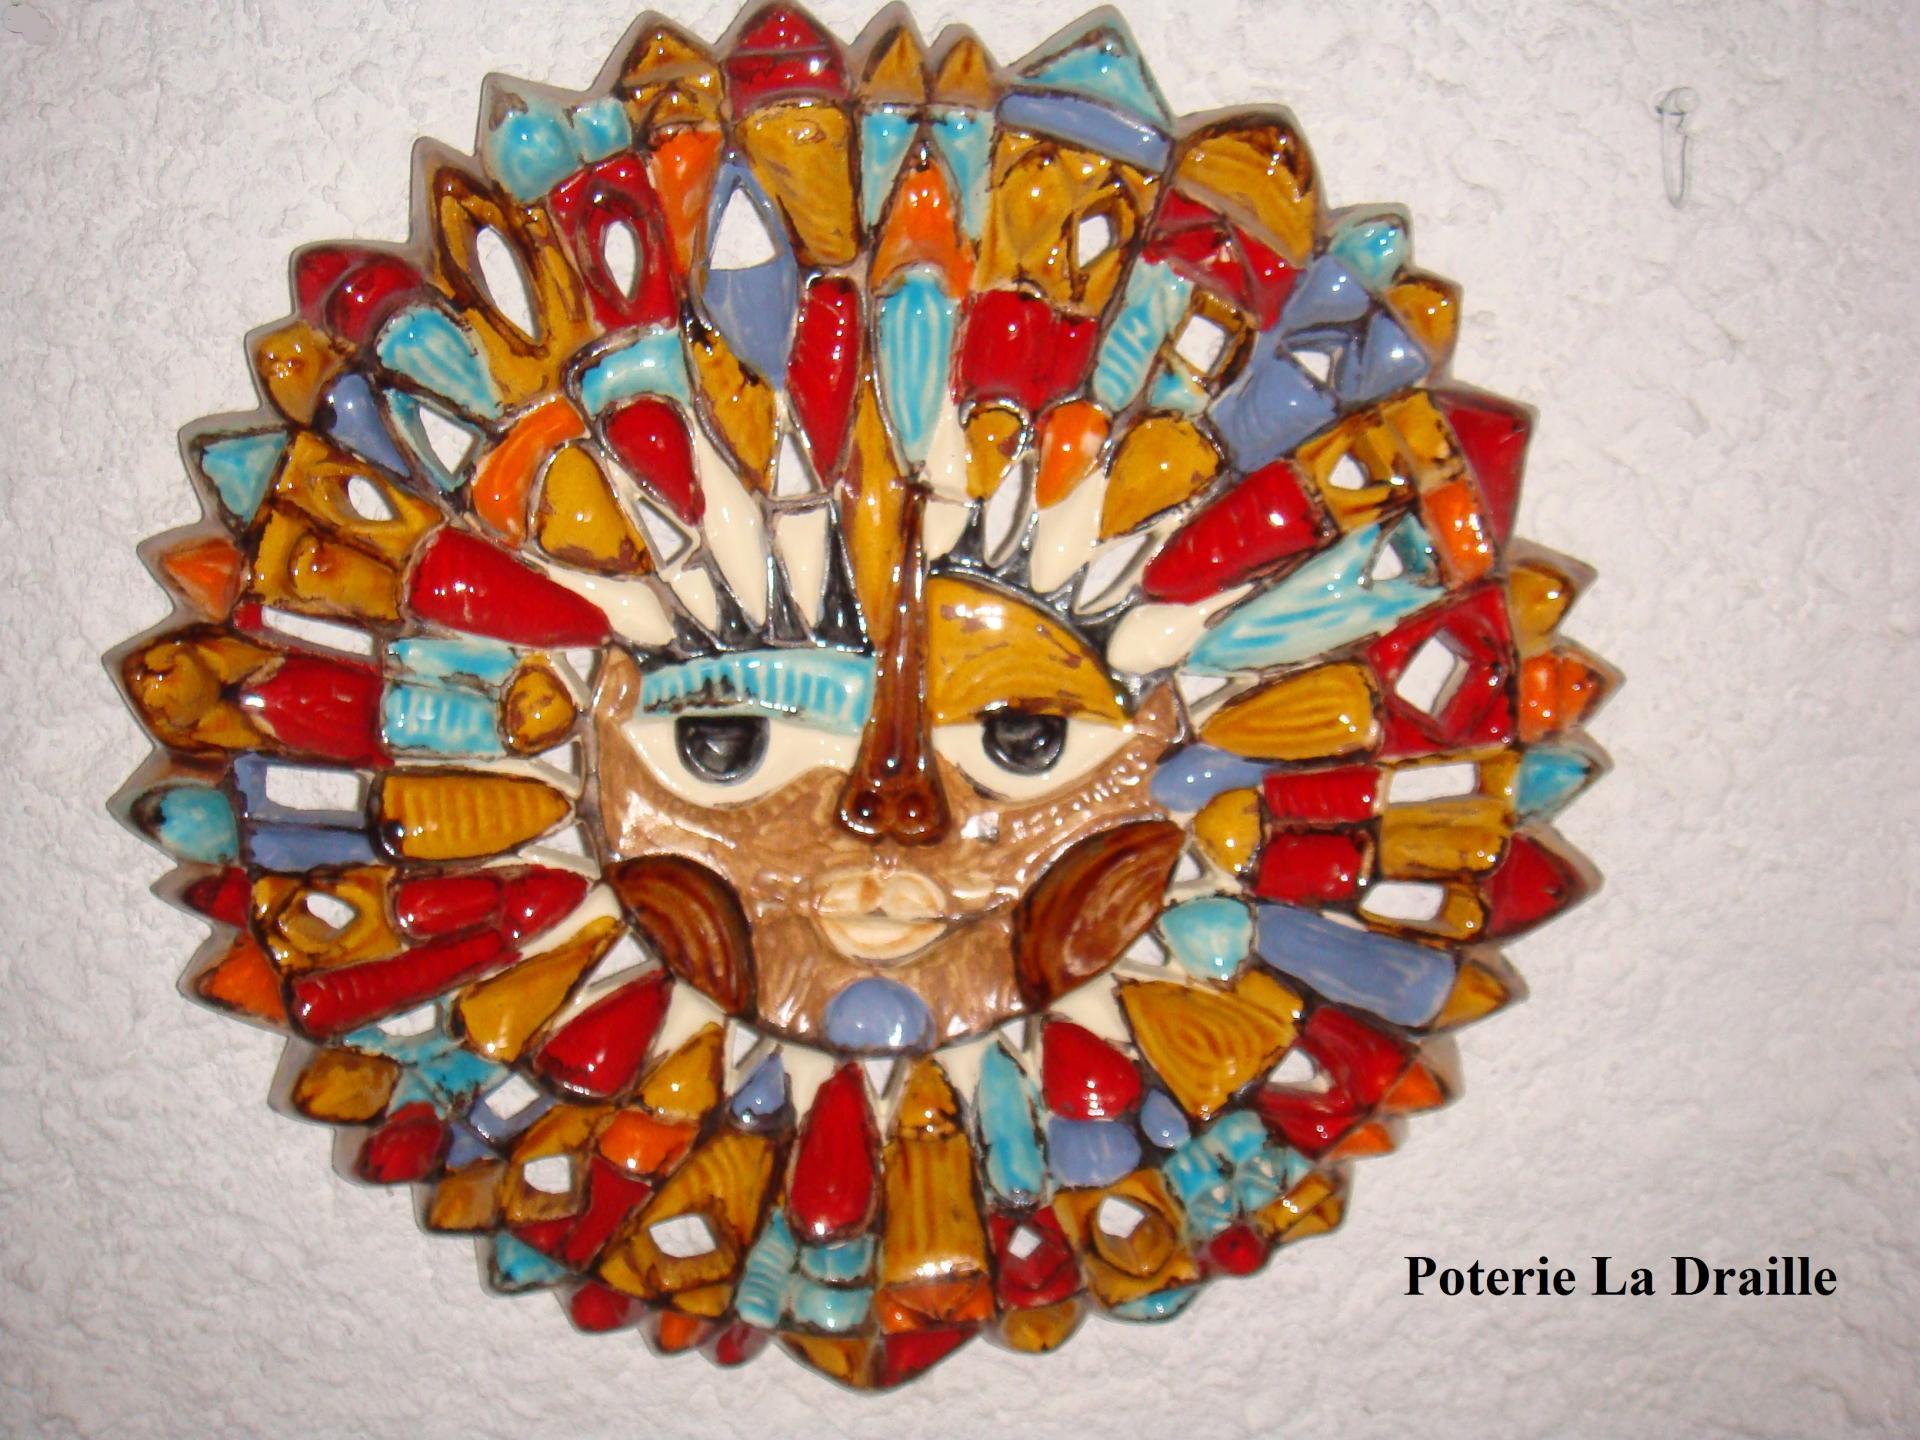 Soleil n 3 poterie la draille 1